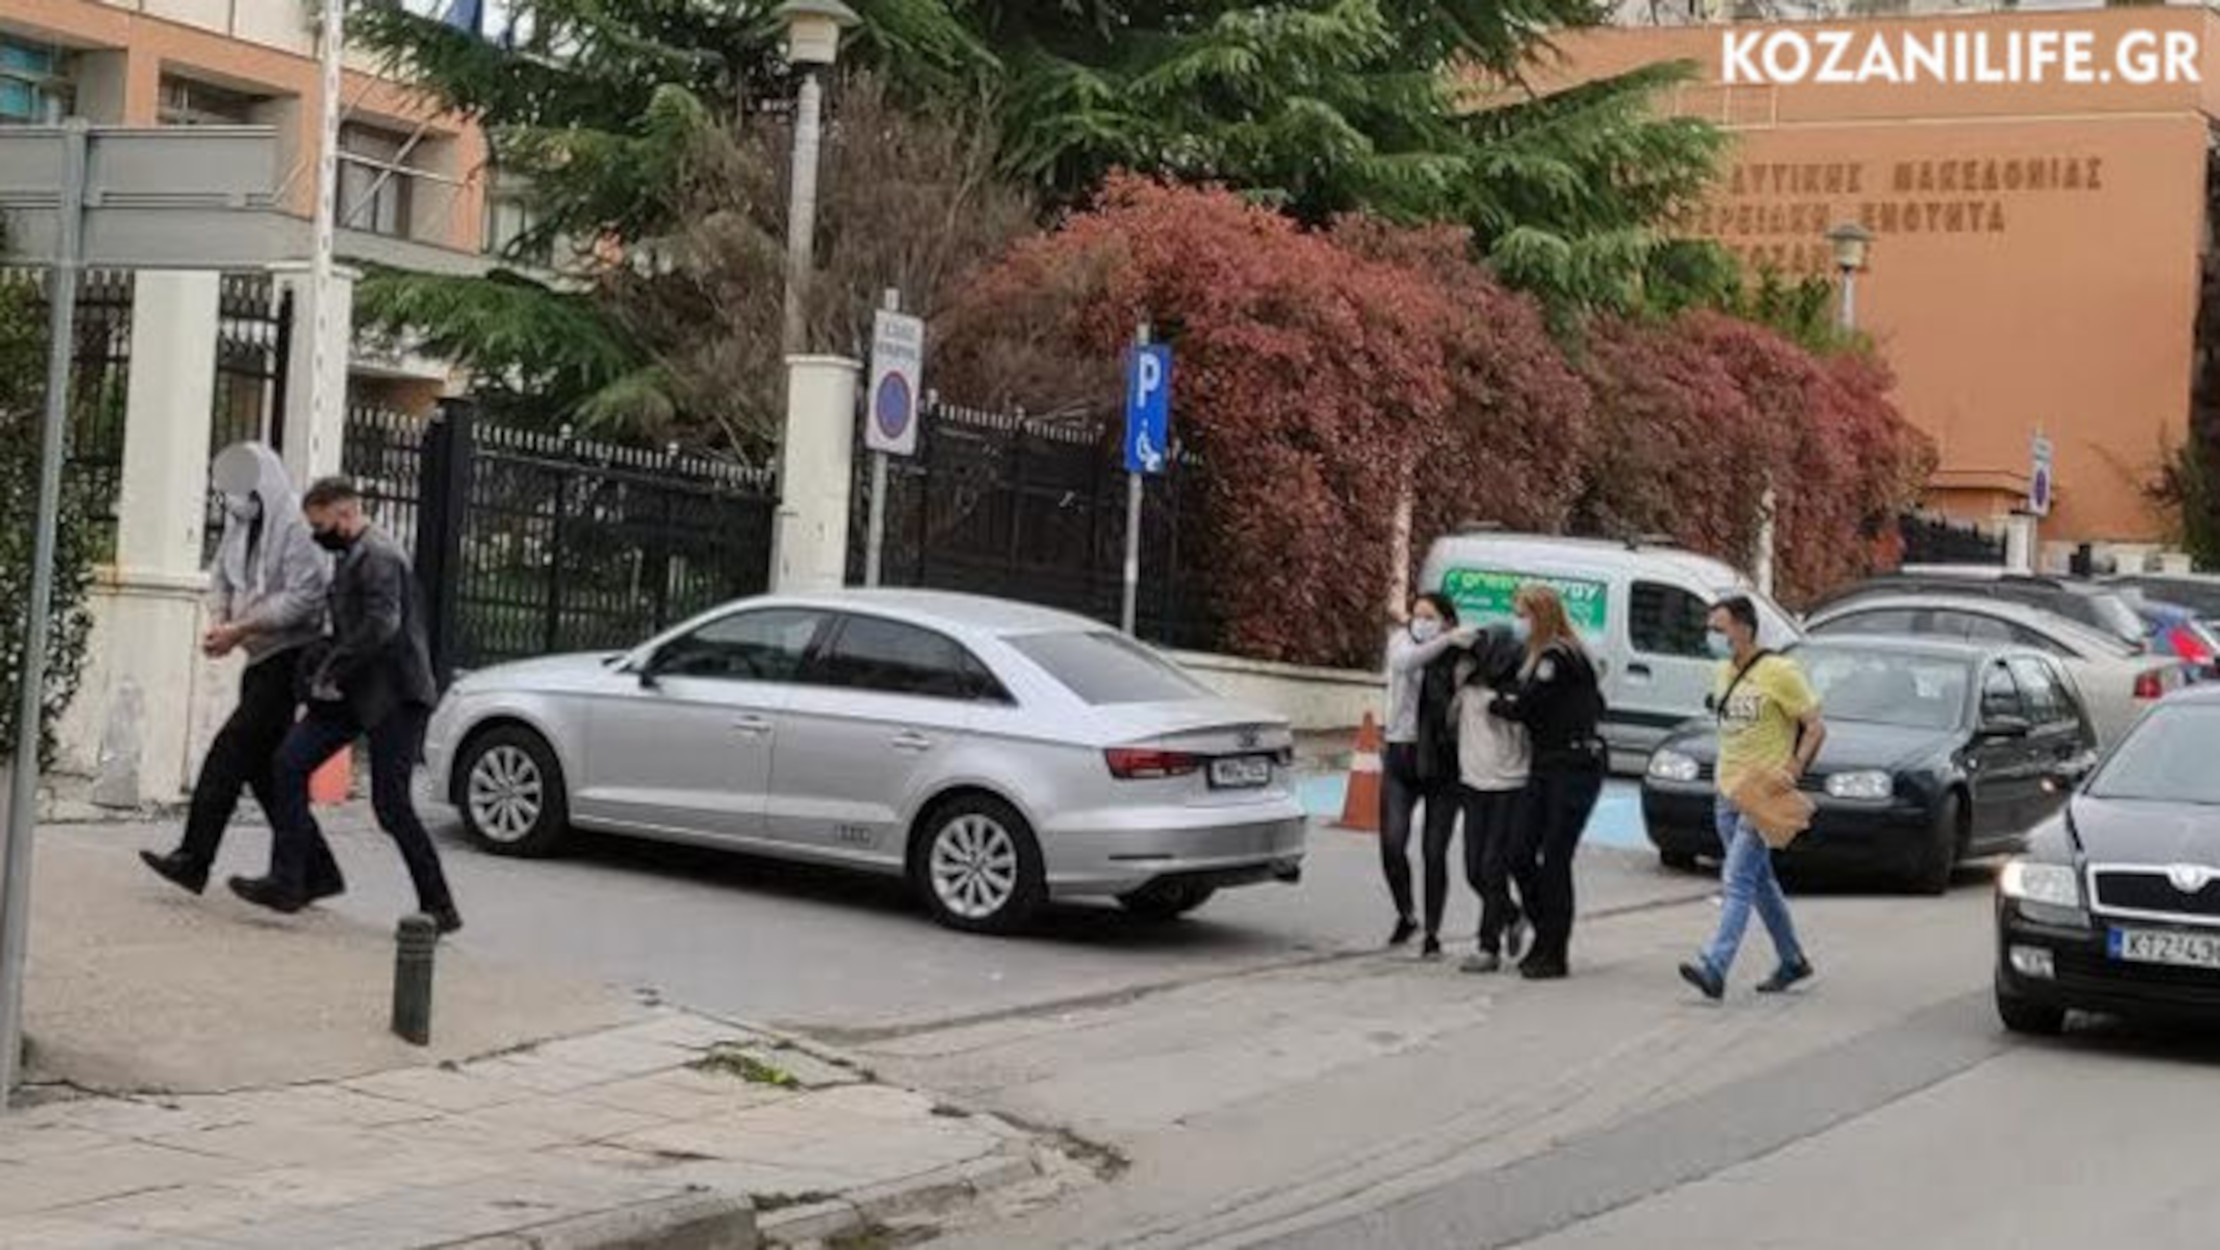 Κοζάνη: Ανατροπή στην υπόθεση δολοφονίας του 53χρονου – 2 οι κατηγορούμενοι (video)